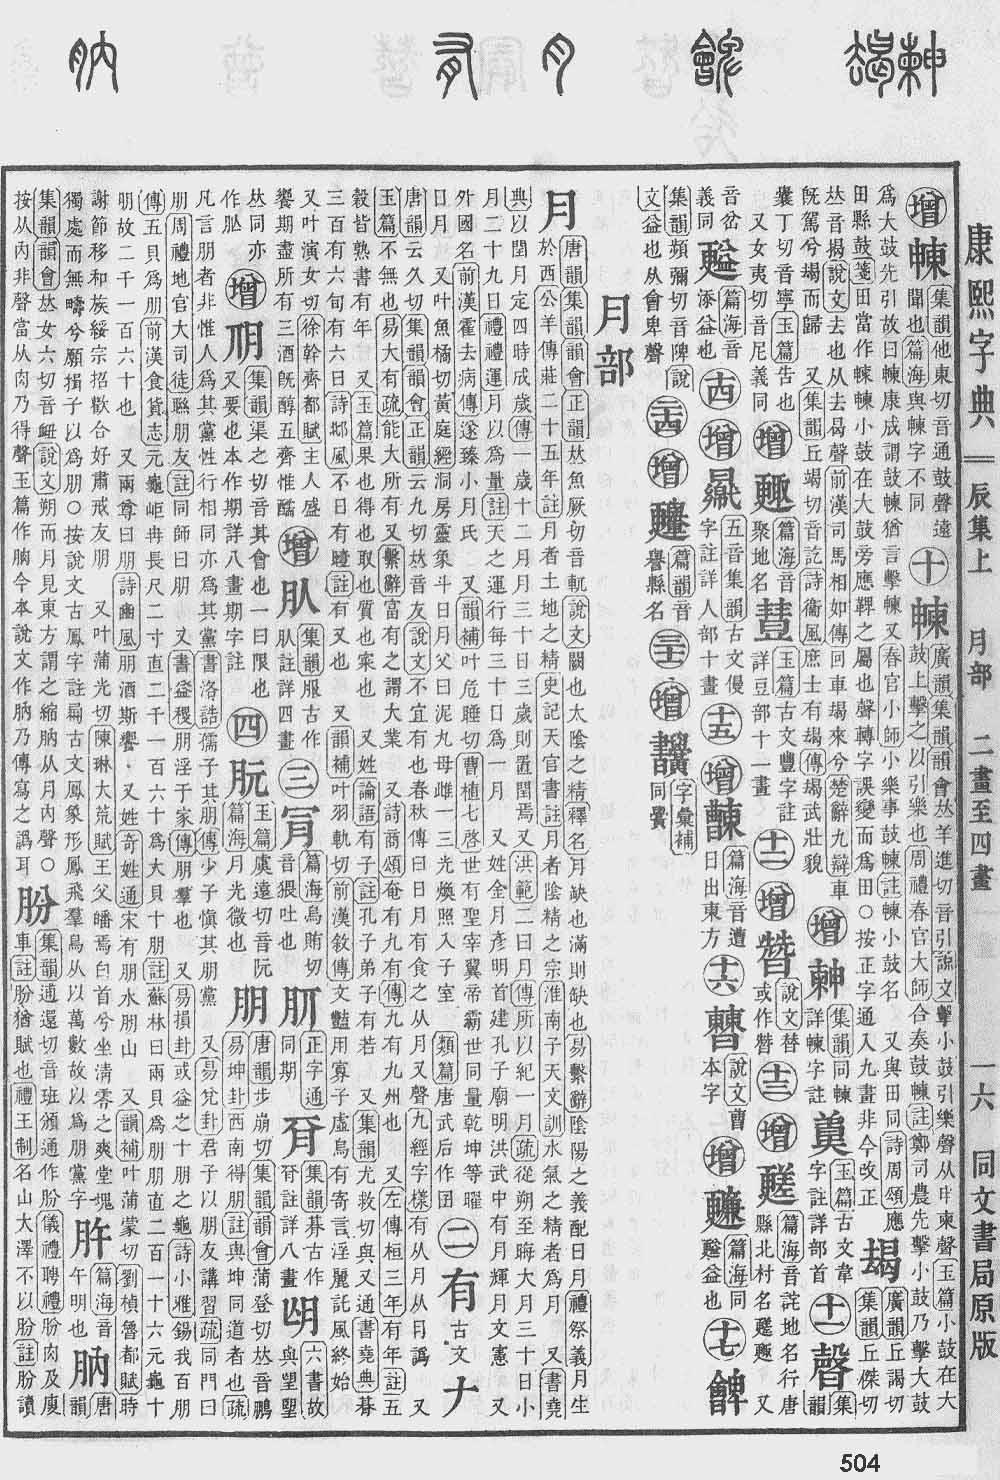 《康熙字典》第504页